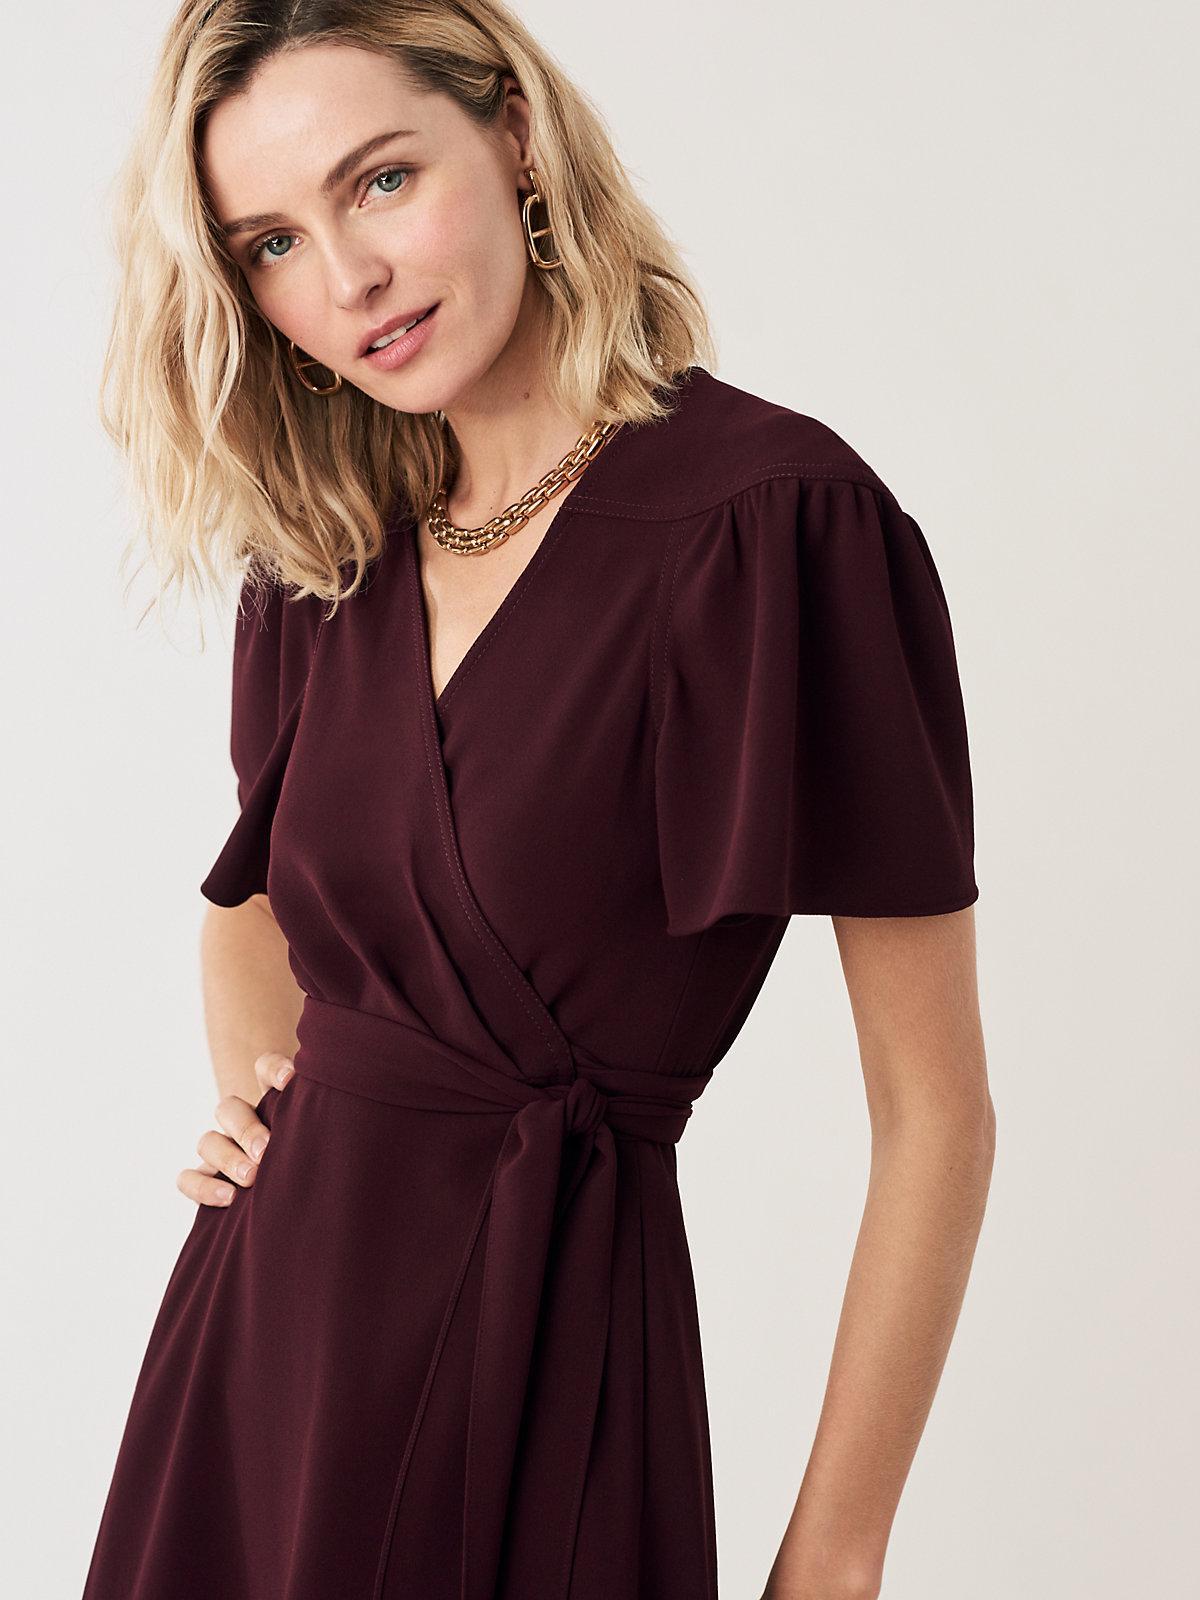 866e5514f9 Diane von Furstenberg - Multicolor Zella Crepe Mini Wrap Dress - Lyst. View  fullscreen